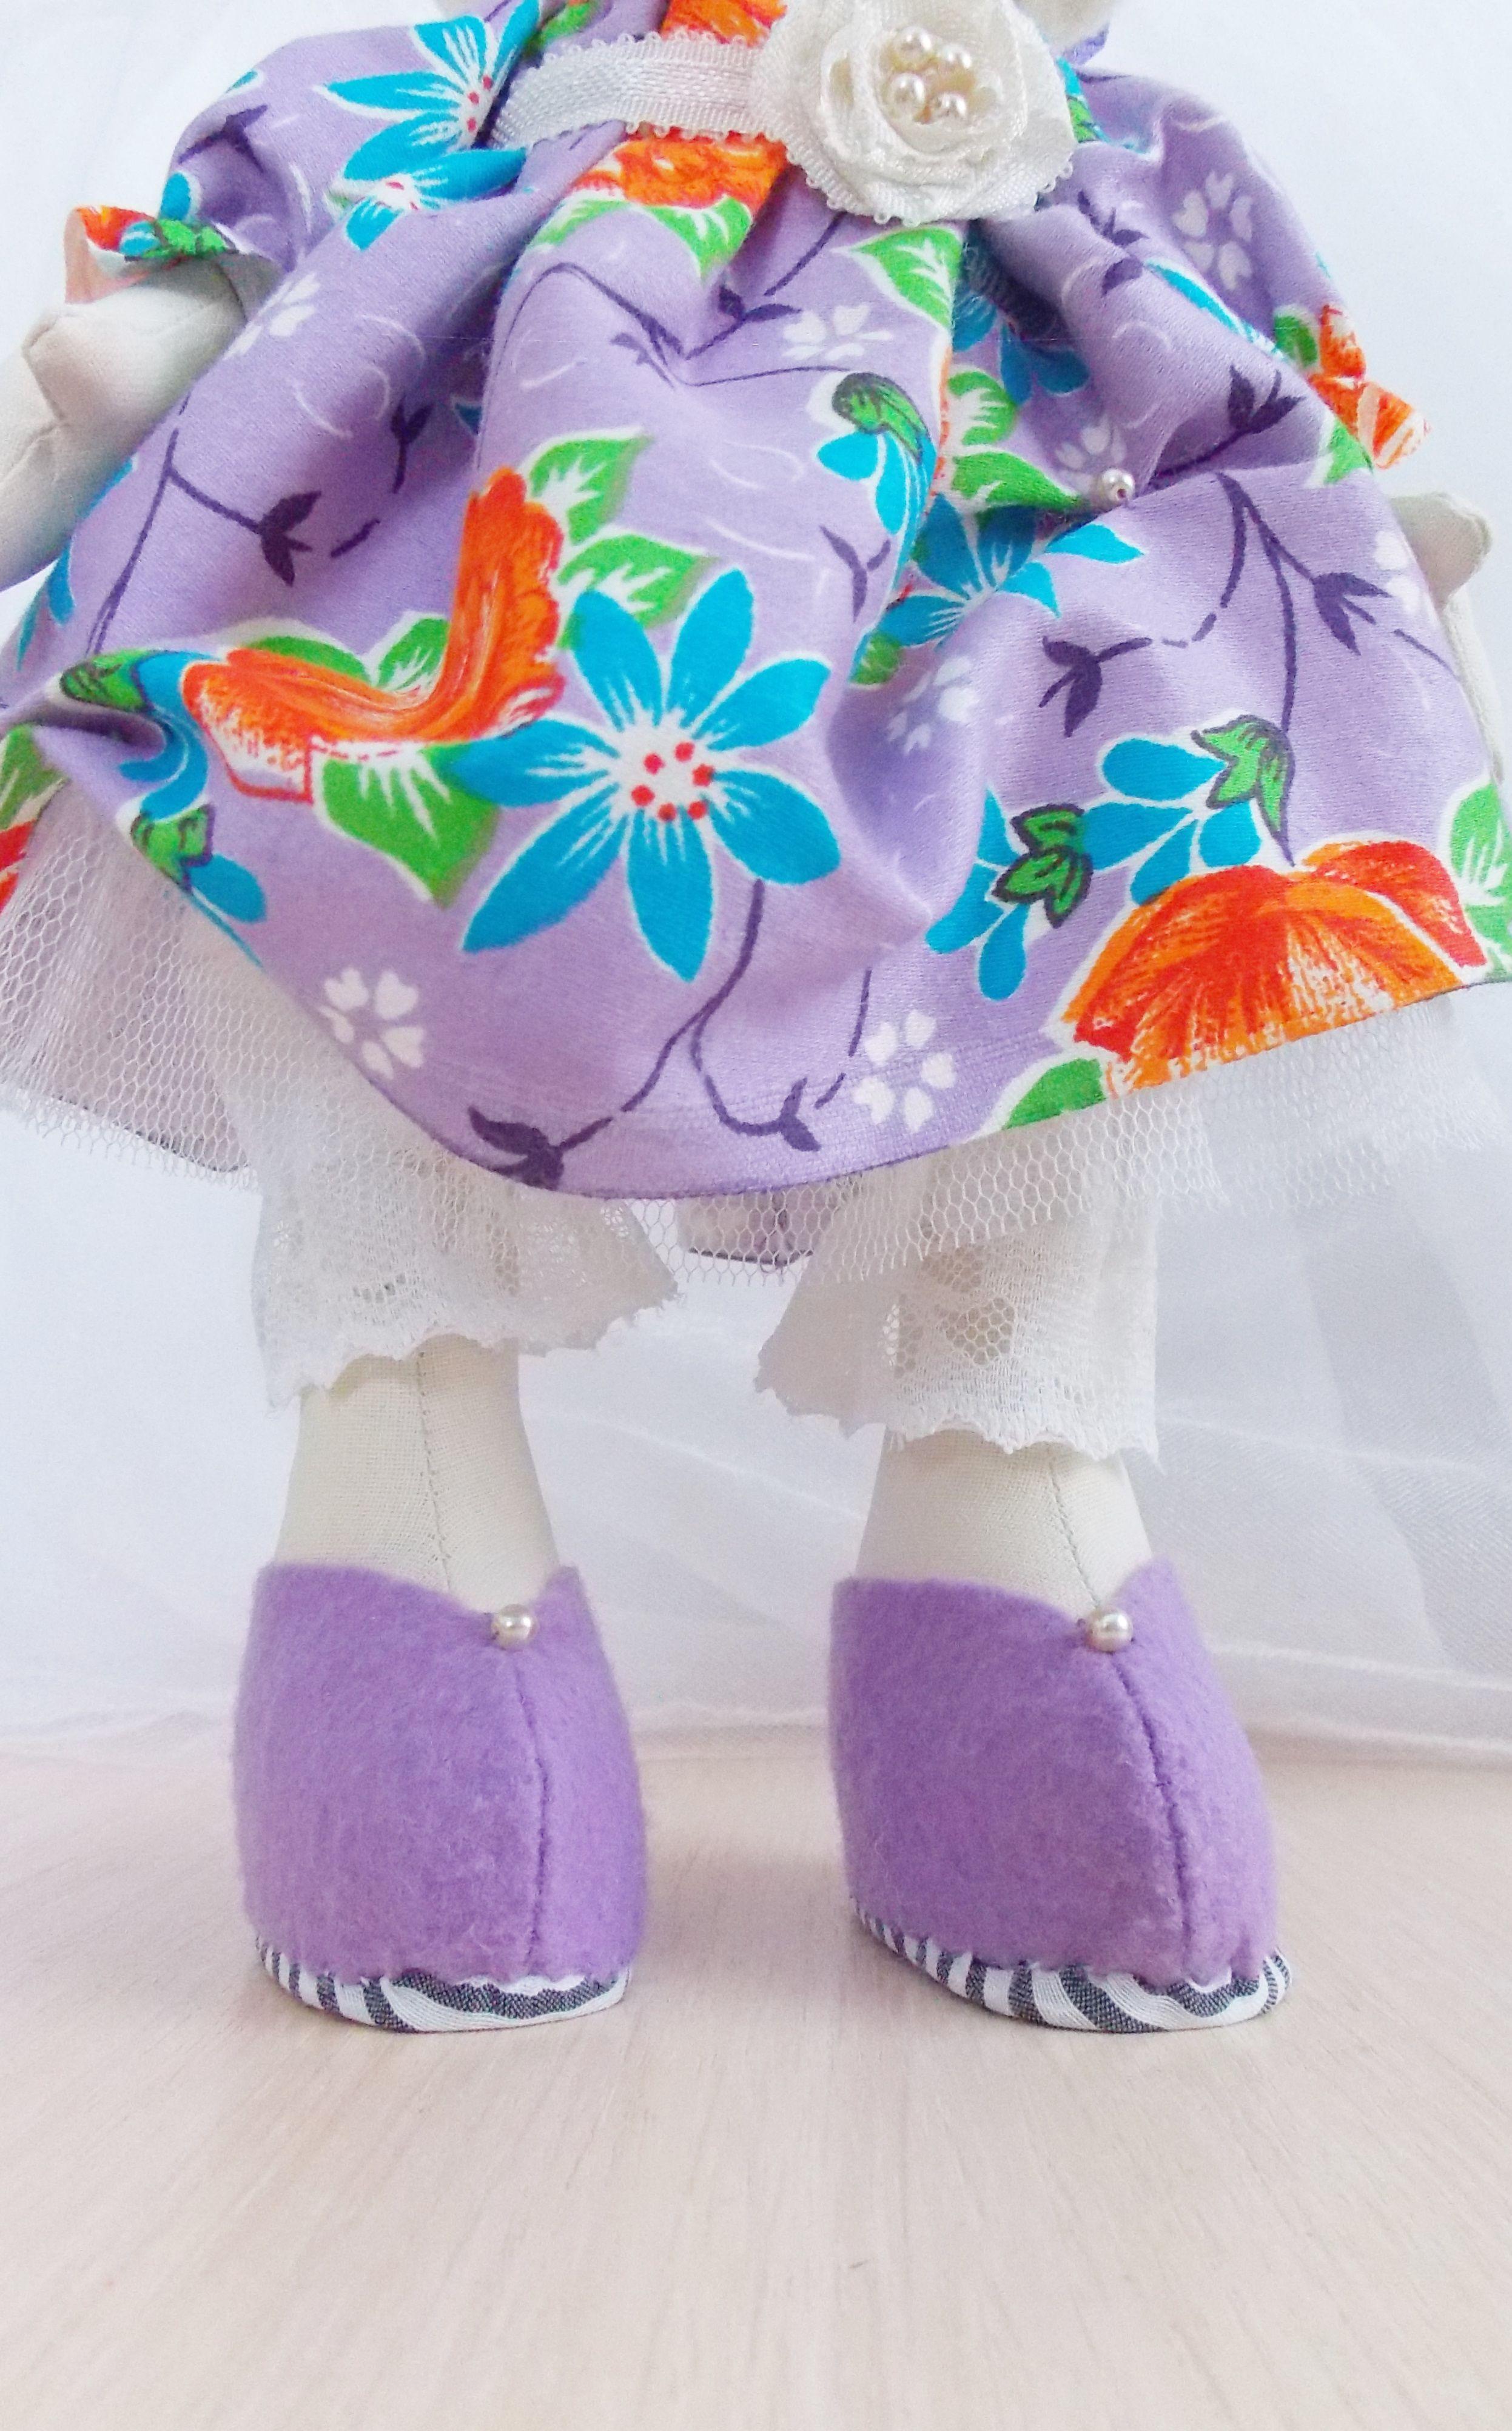 textile snowflake interior doll